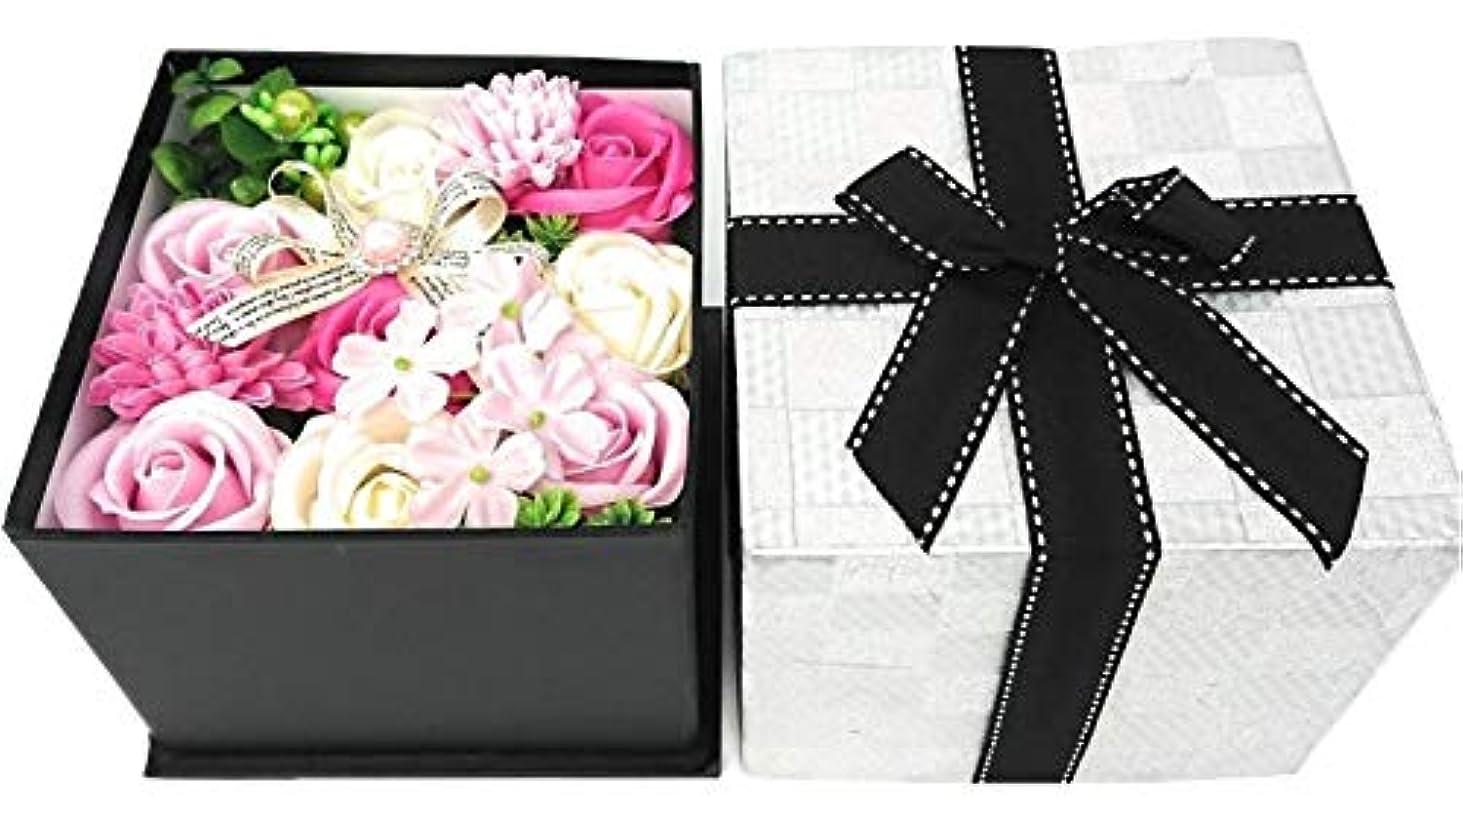 クルール バスフレグランス バスフラワー BOX M ピンク 入浴剤 ギフト